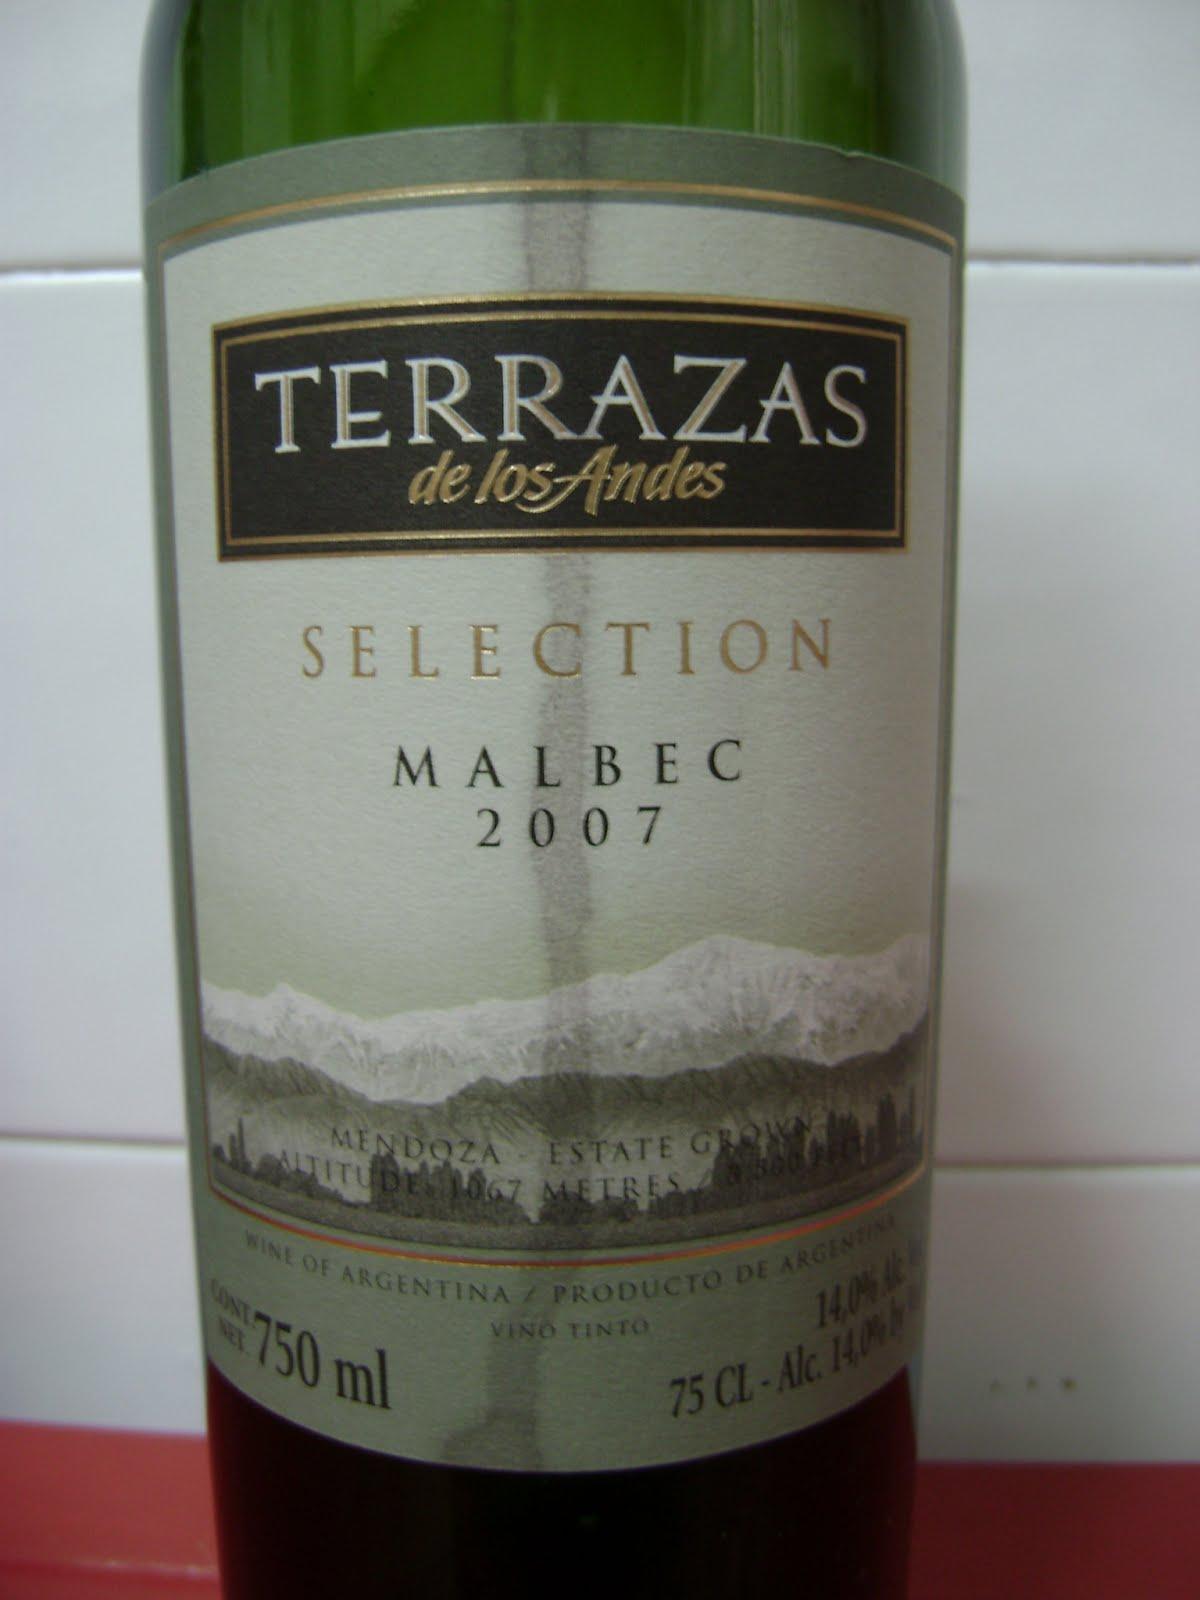 Solo El Vino Terrazas De Los Andes Seleccion Malbec 2007